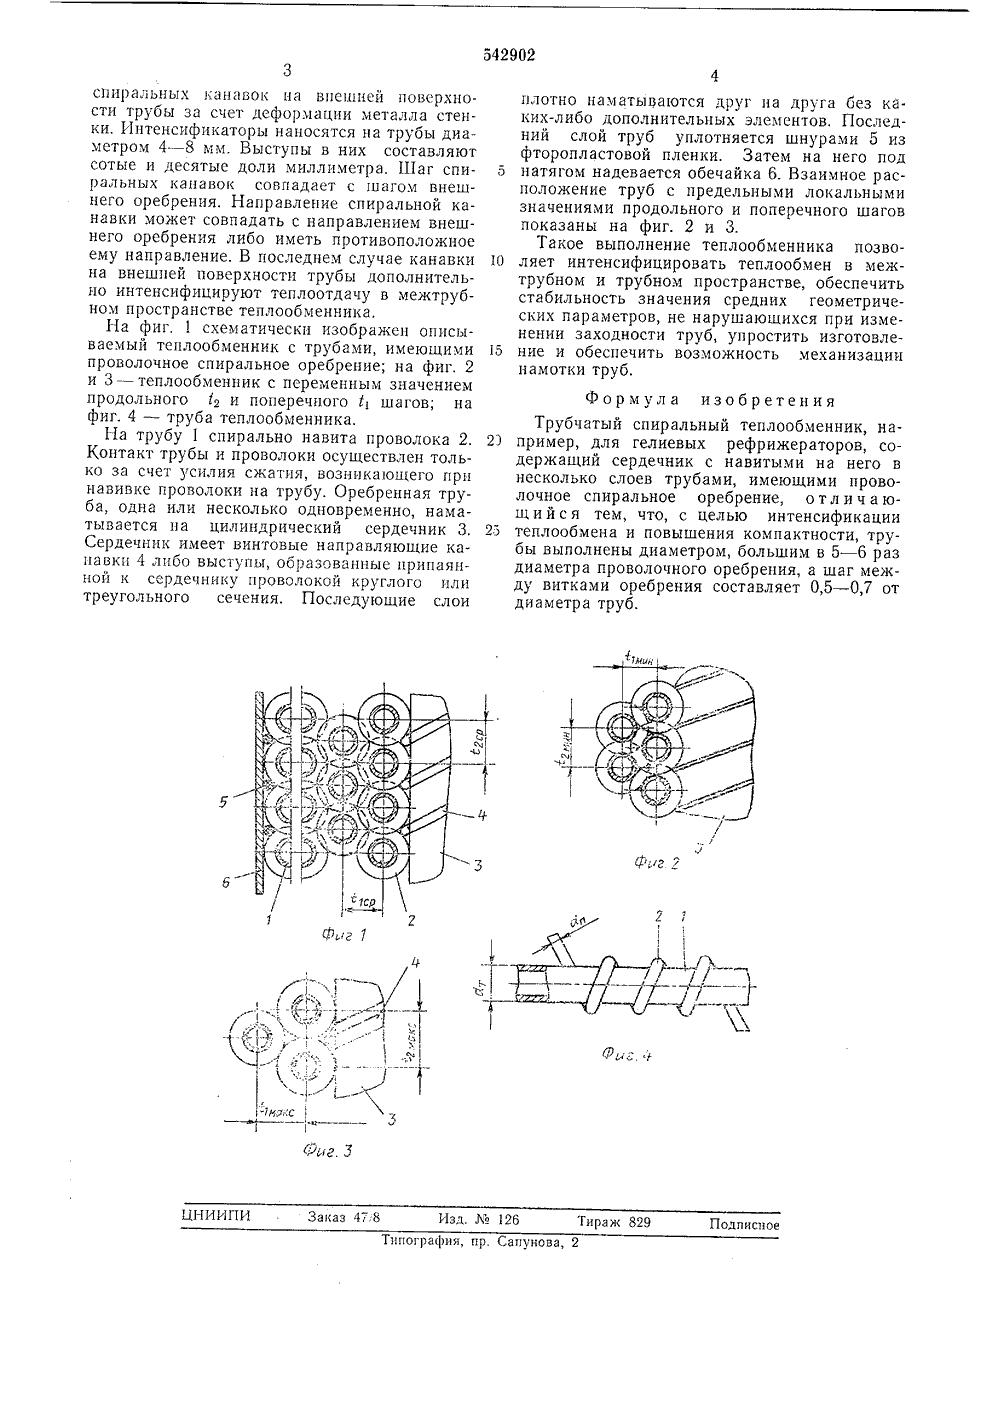 техническая характеристика теплообменников росвеп